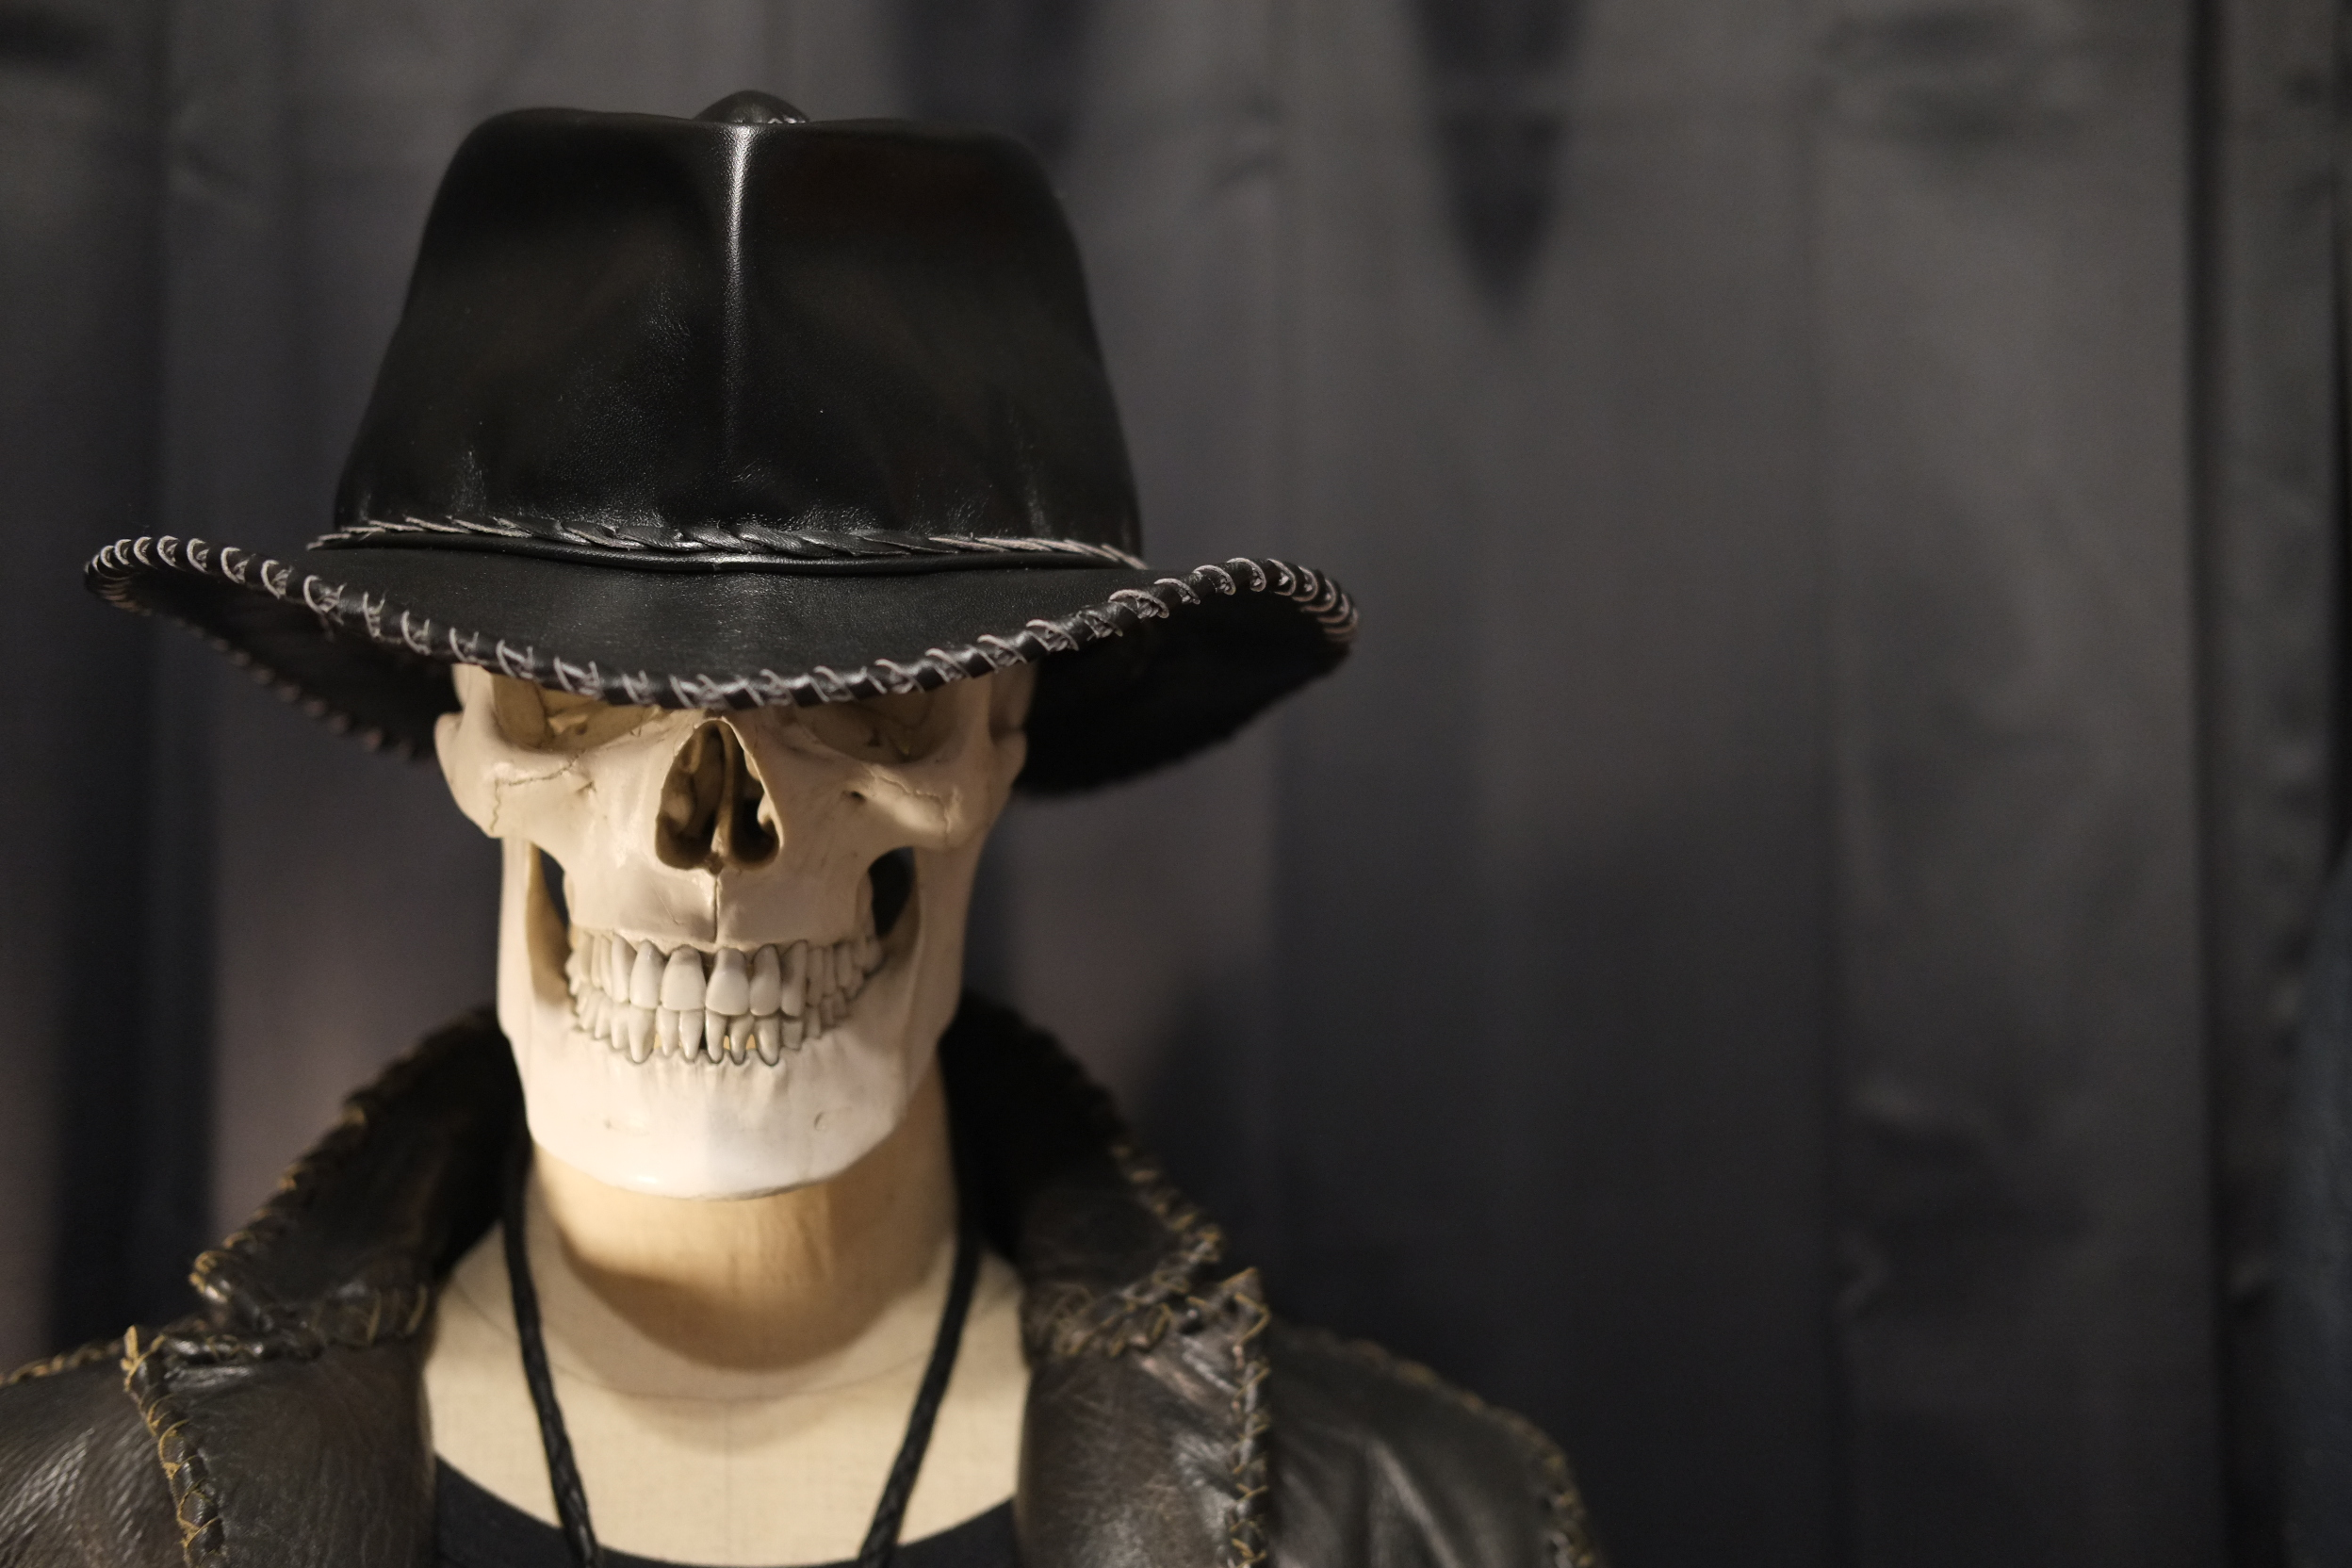 70'sロックファッションの世界観を現代に蘇らせたレザーハットBAL-HAT-NEO